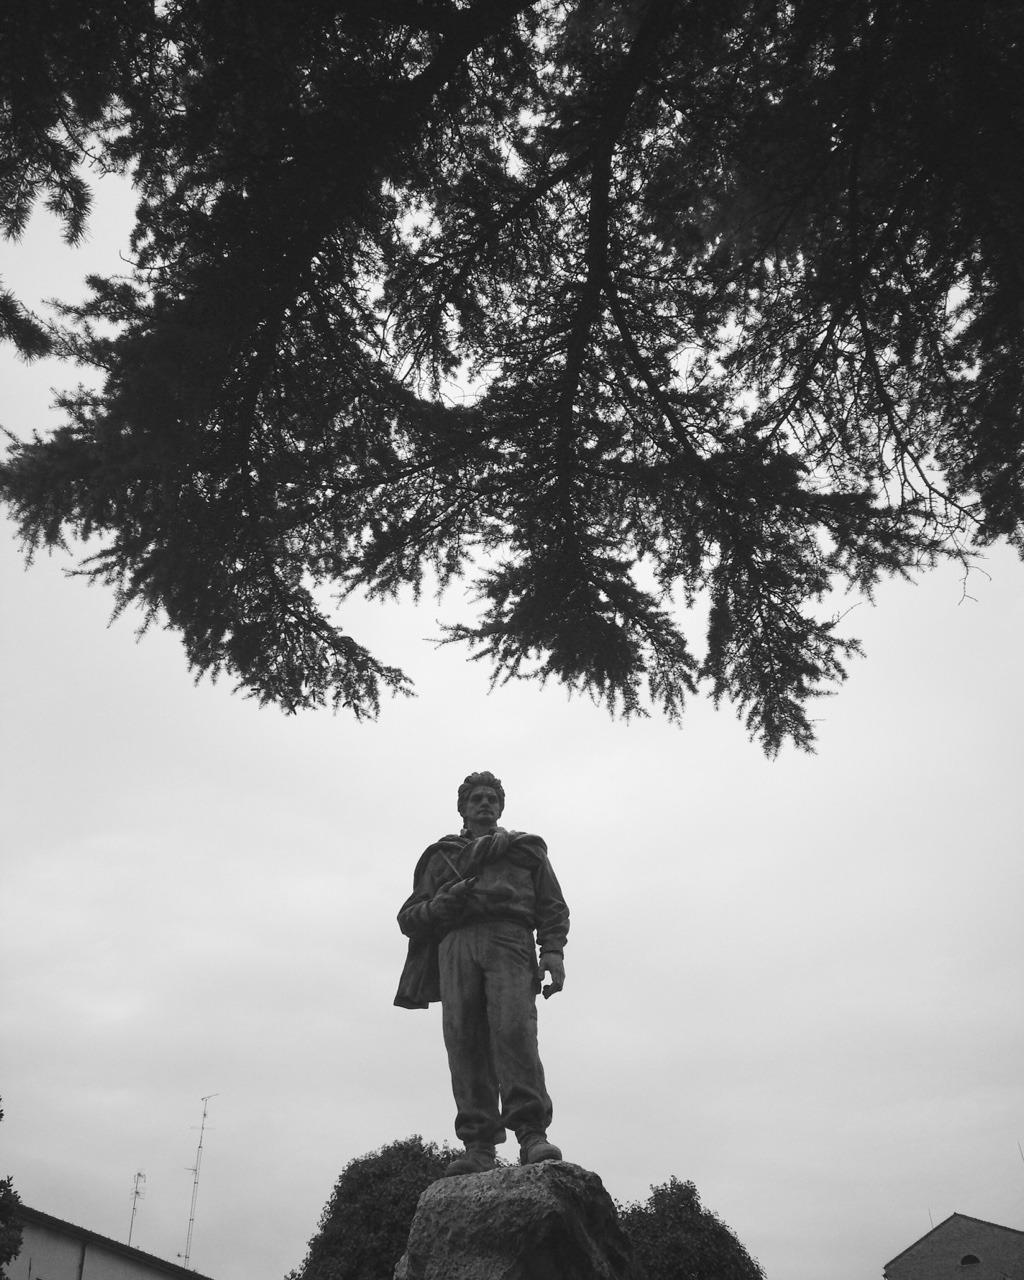 «Se voi volete andare in pellegrinaggio nel luogo dove è nata la nostra Costituzione, andate nelle montagne dove caddero i partigiani, nelle carceri dove furono imprigionati, nei campi dove furono impiccati. Dovunque è morto un Italiano per riscattare la libertà e la dignità, andate lì, o giovani, col pensiero, perché lì è nata la nostra costituzione.»  (Piero Calamandrei, Discorso ai giovani sulla Costituzione nata dalla Resistenza. Milano, 26 gennaio 1955)    Sta cominciando il mio viaggio verso i sentieri dei nidi di ragno.